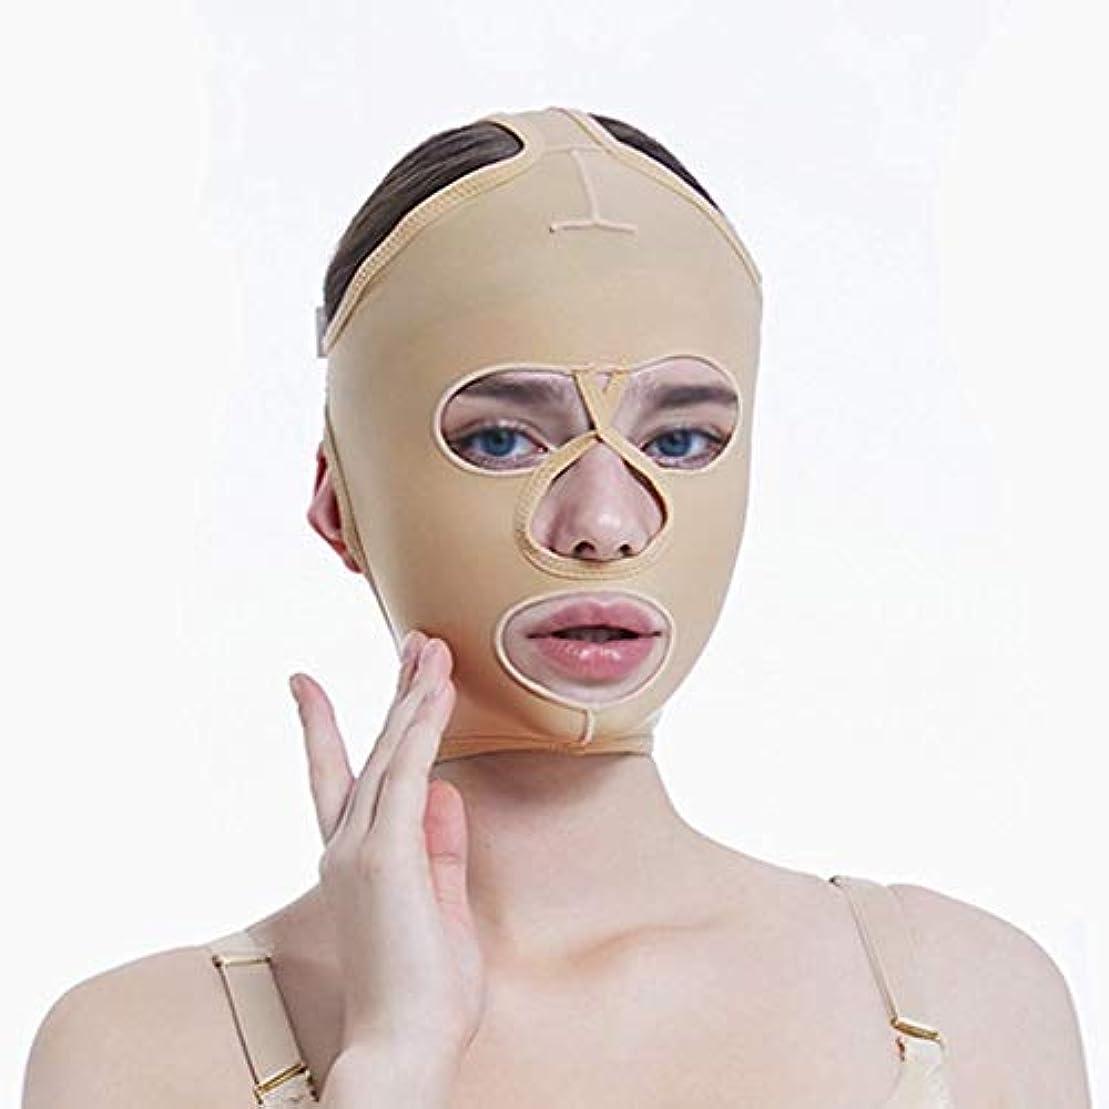 ハック間違いなく量でチンリフティングベルト、超薄型ベルト、引き締めマスク、包帯吊り、フェイスリフティングマスク、超薄型ベルト、通気性(サイズ:L),ザ?